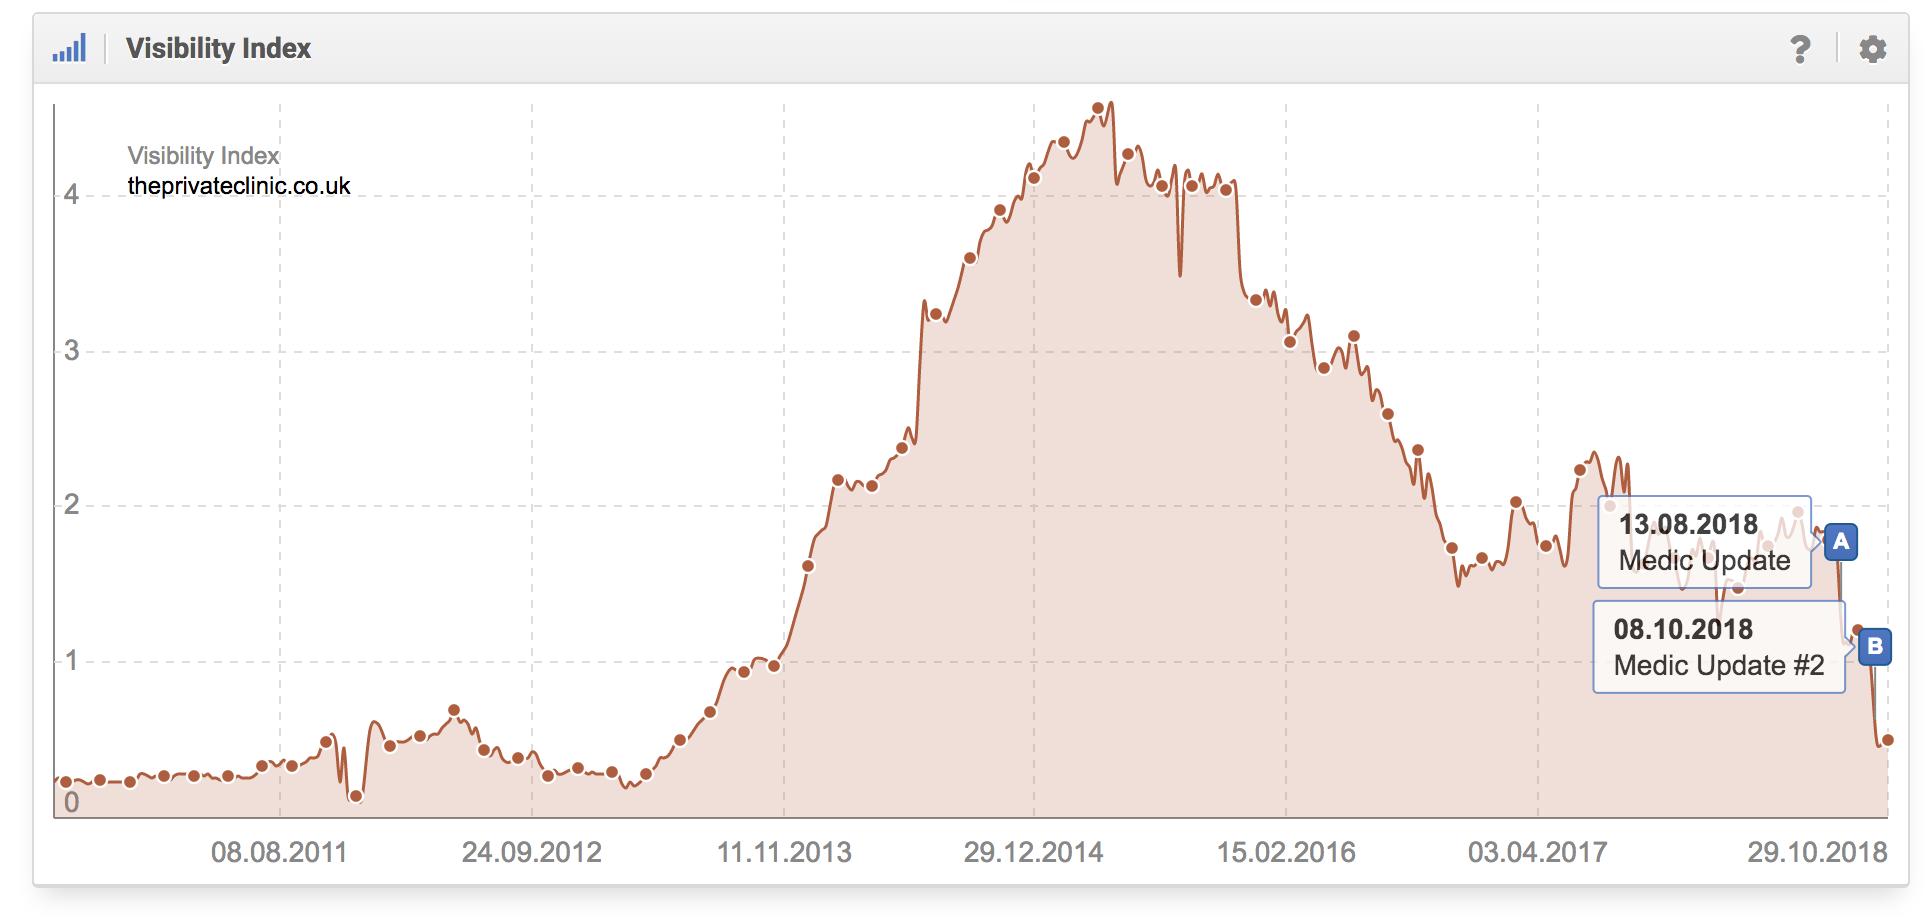 Histórico del índice de visibilidad del dominio privateclinic.co.uk en google.com donde se aprecia que el dominio fue afectado por la Medic Update y la Medic Update II